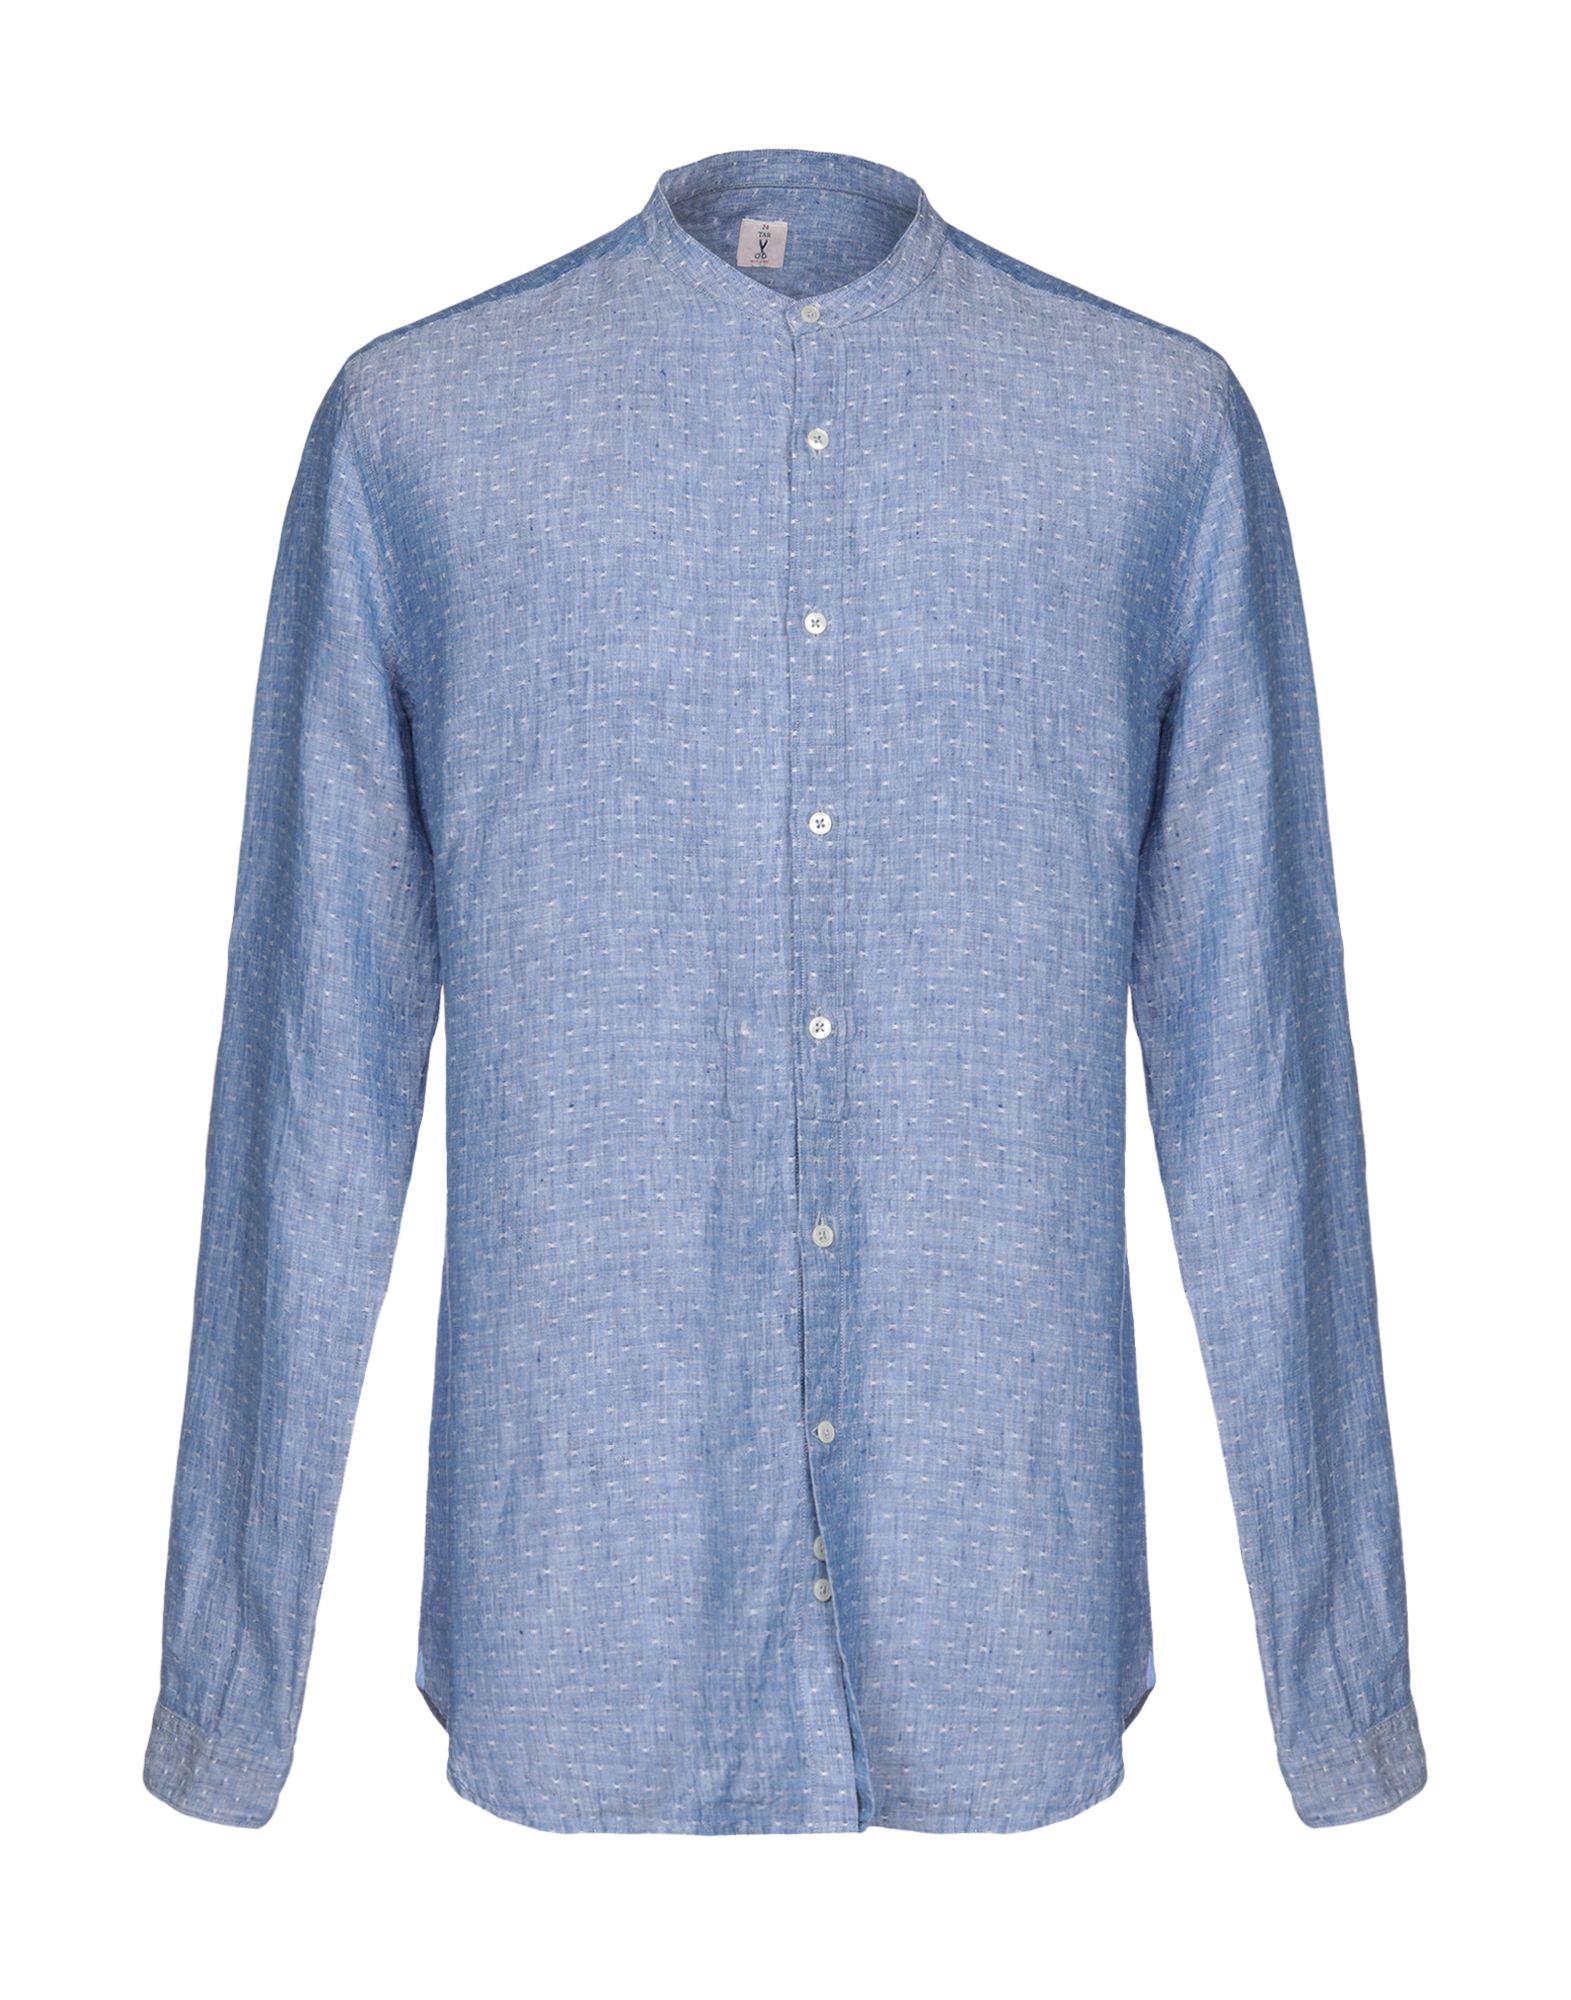 《期間限定セール開催中!》24 TAR Milano メンズ シャツ パステルブルー 43 コットン 100%